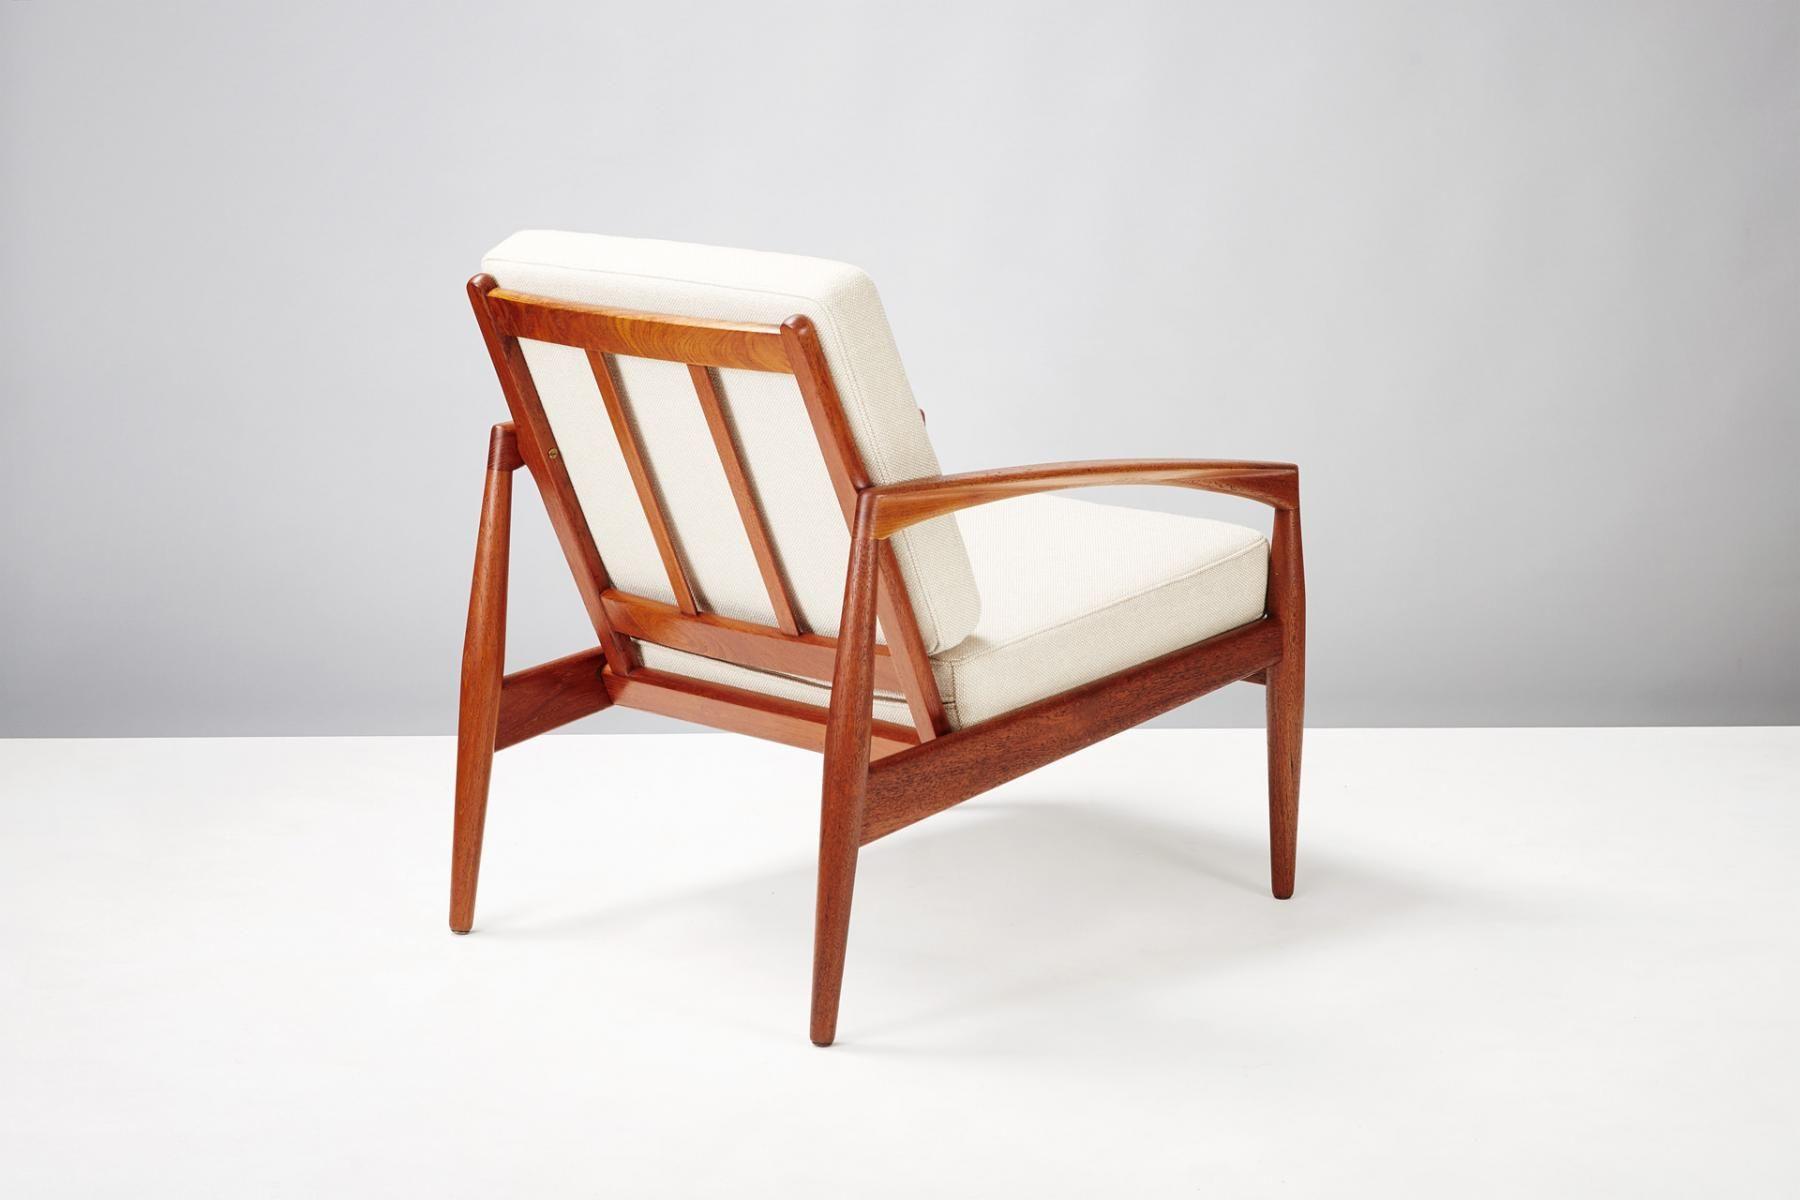 teak paper knife chair by kai kristiansen for magnus olesen 1955 4 rh pinterest com